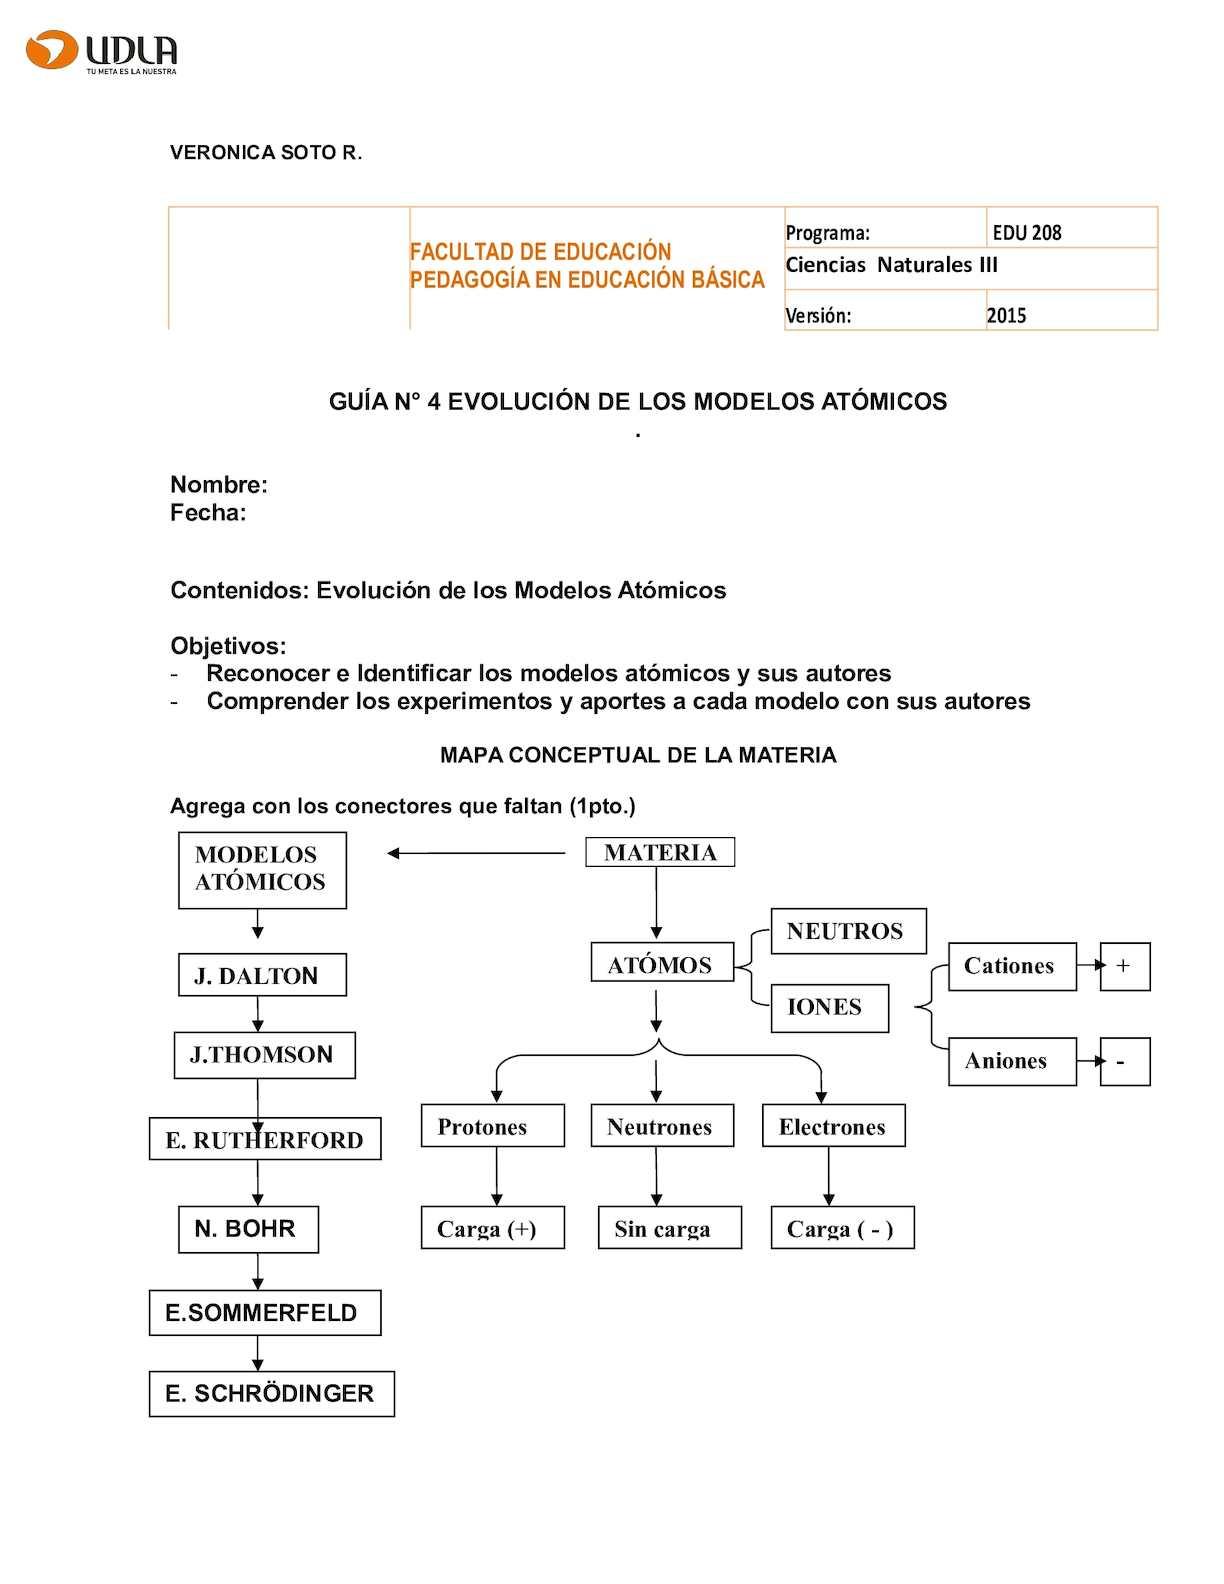 Guia N°4 Evolución De Los Modelos Atómicos (1)